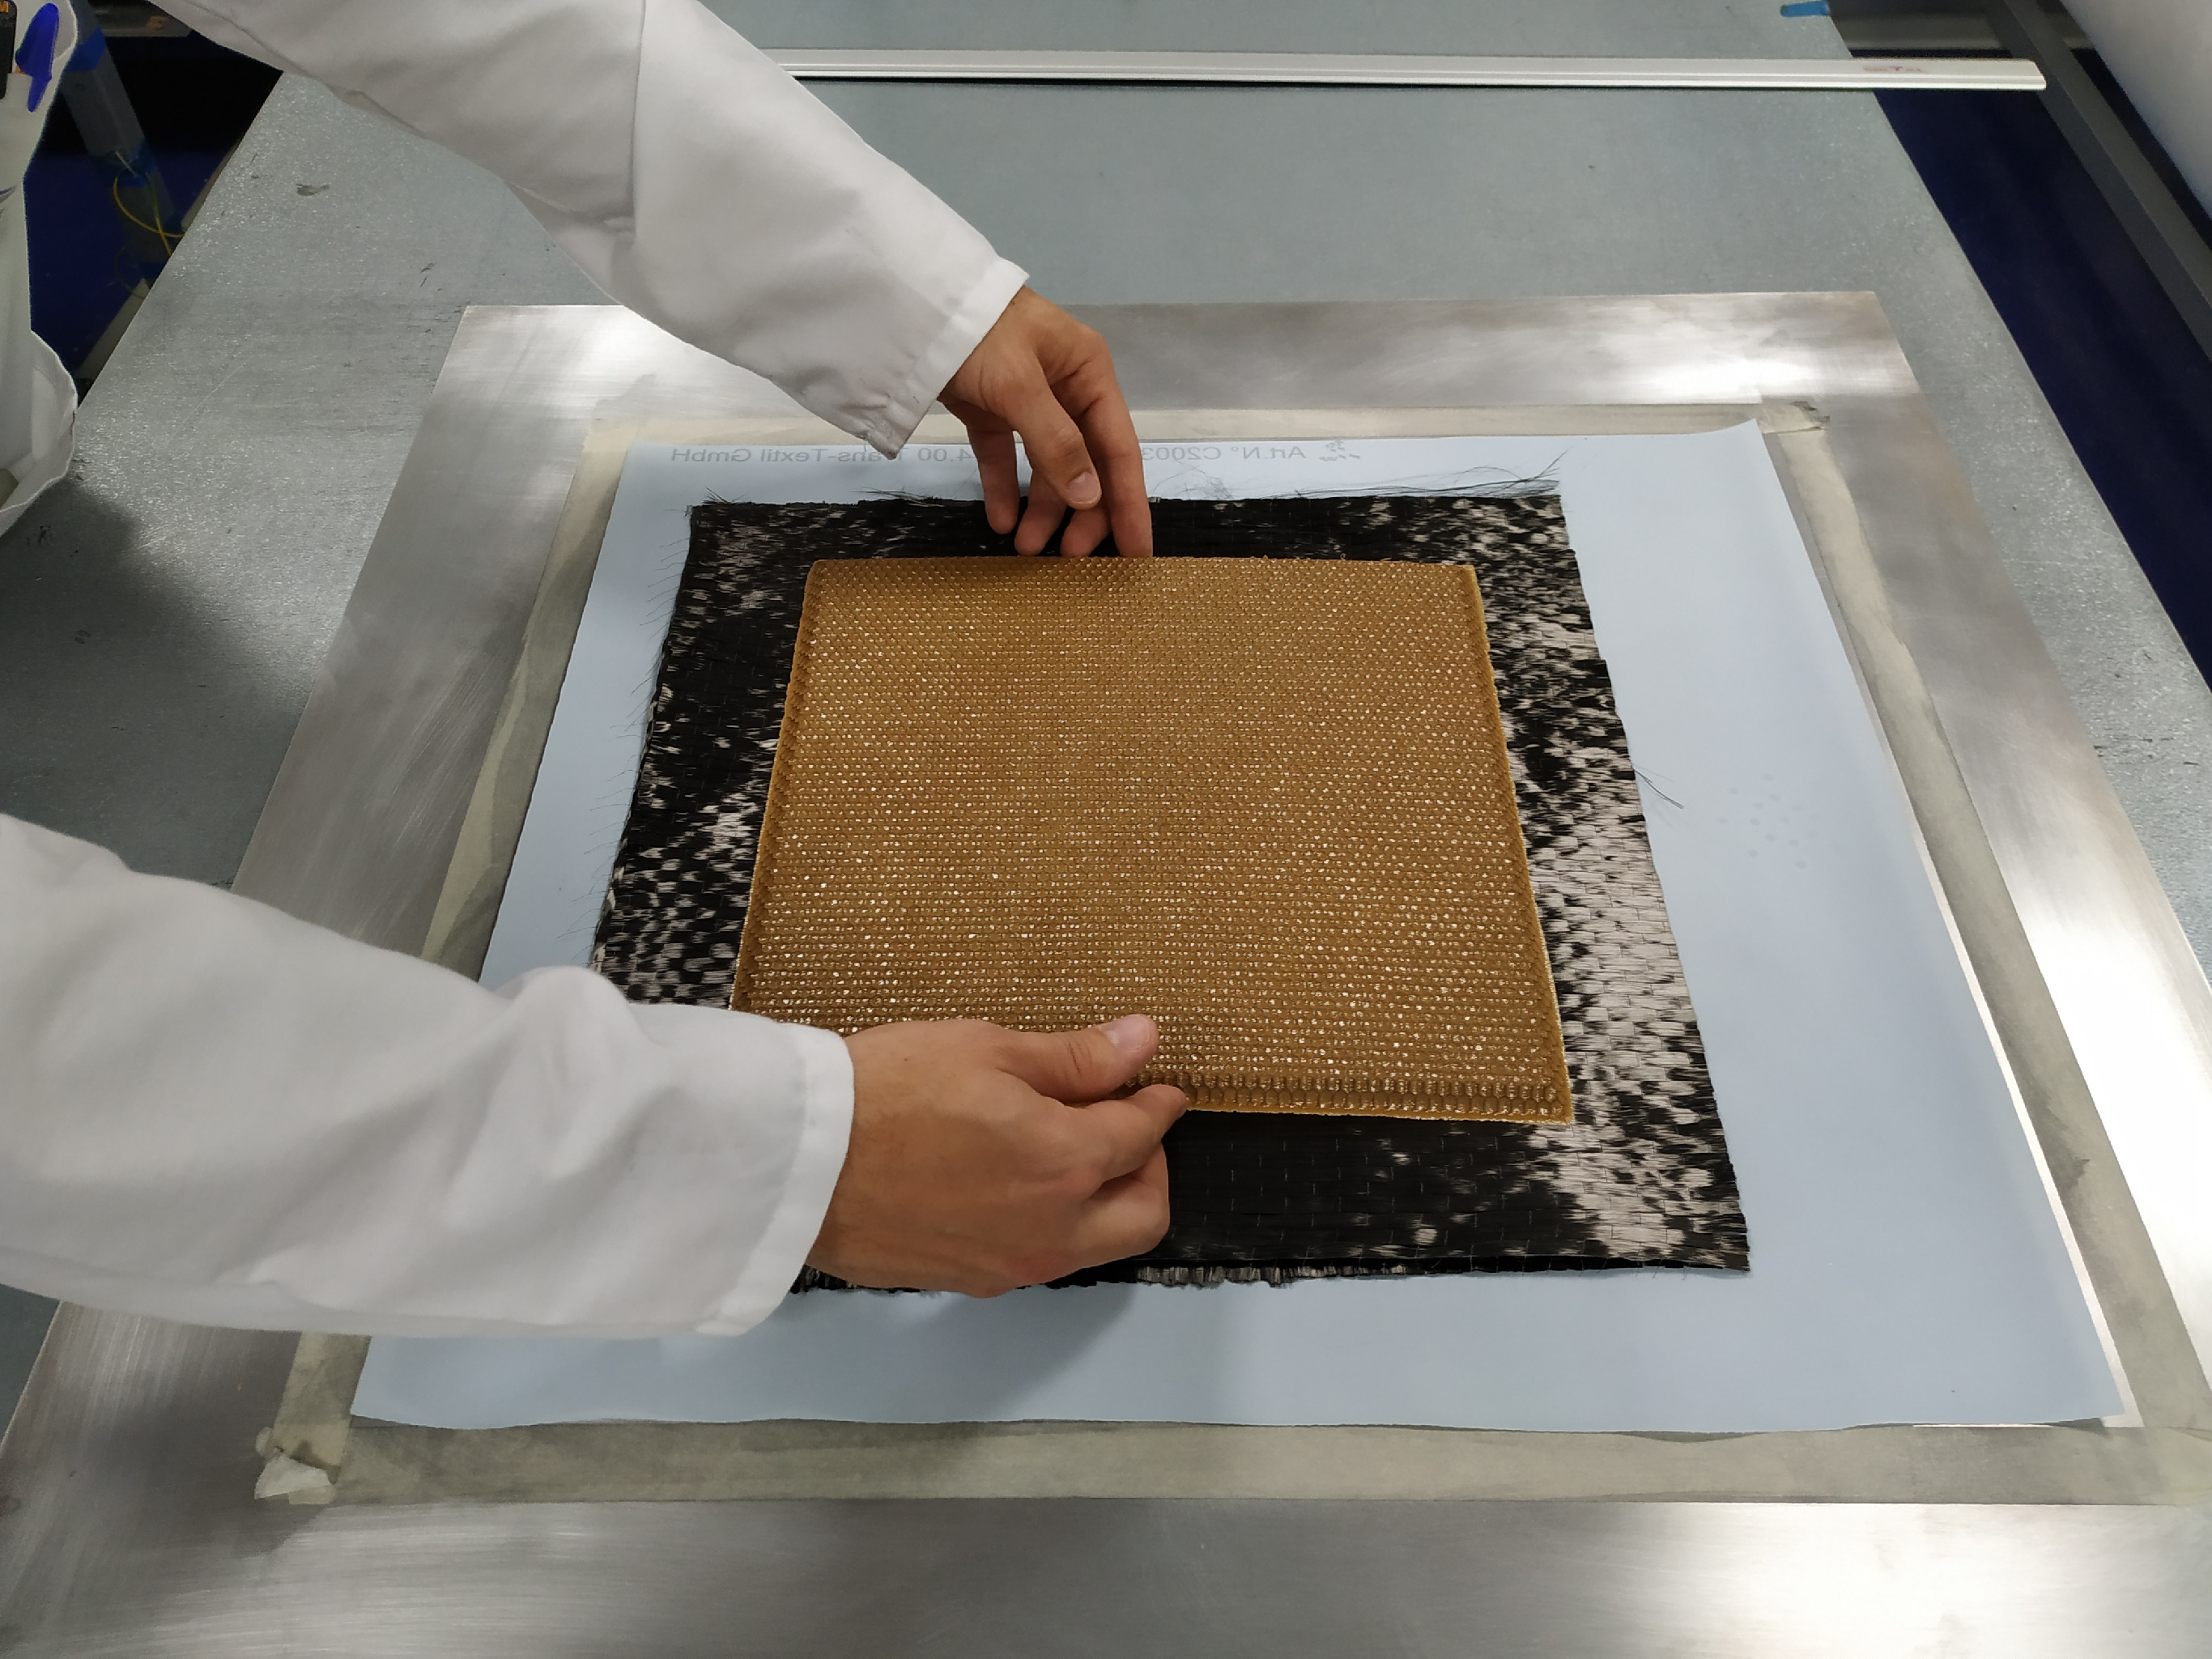 Titania se iniciará en el mercado de la fabricación de composites por infusión de resina gracias al proyecto MALTA 2020